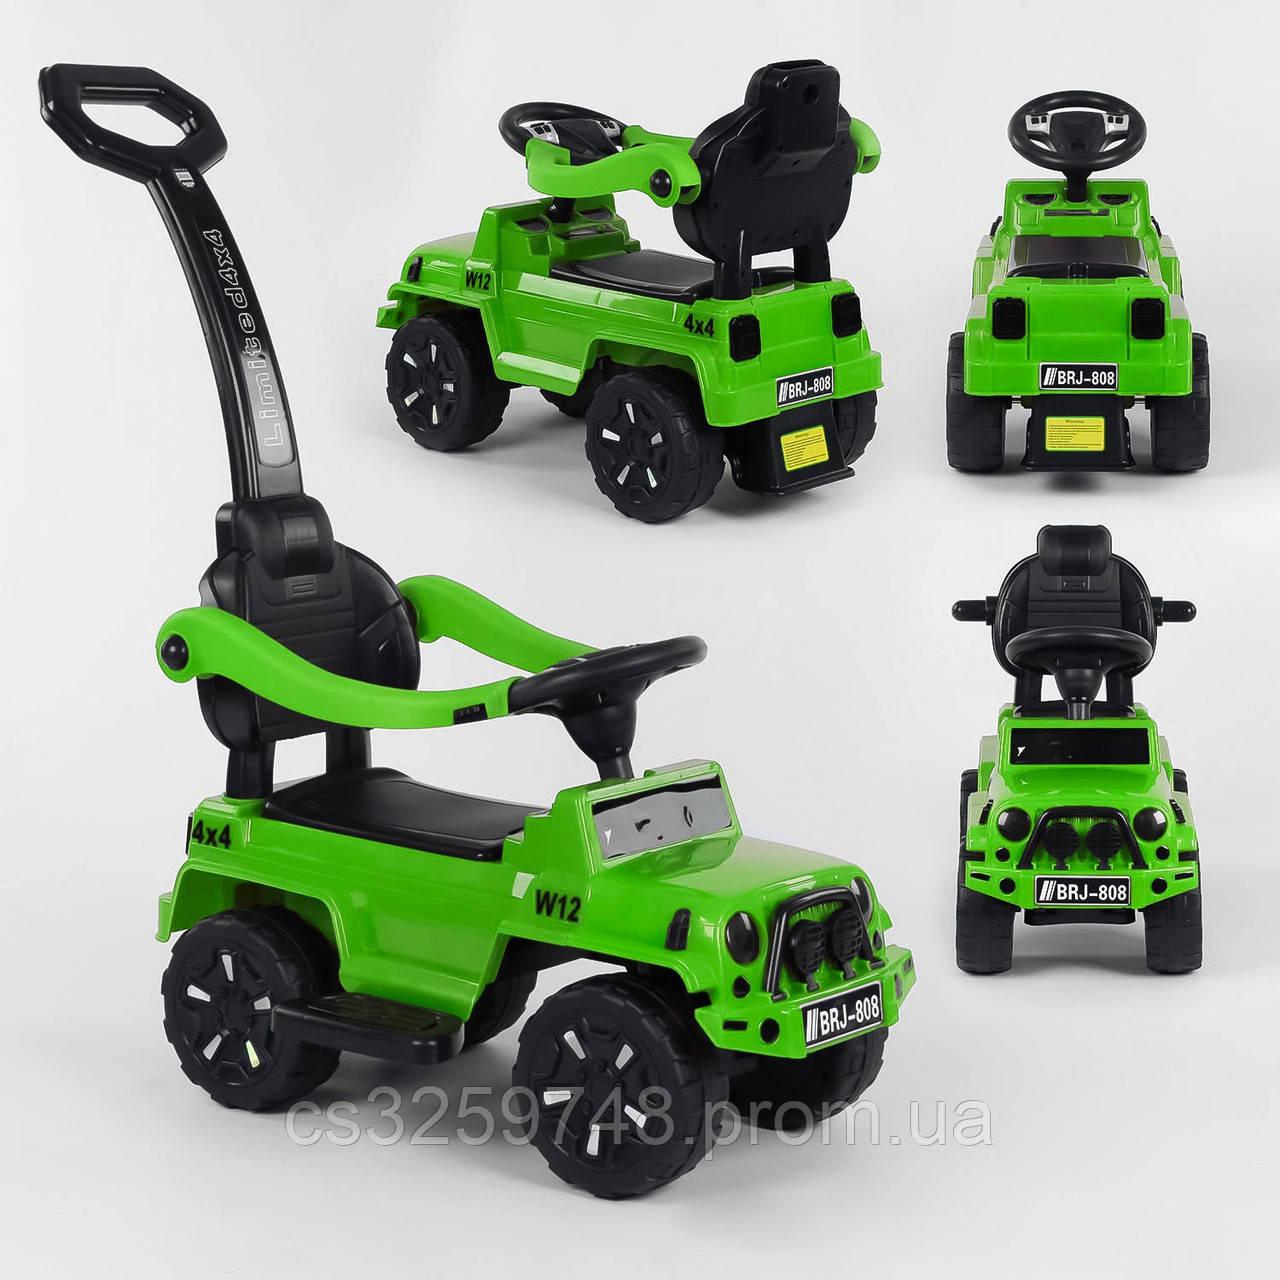 Детская машинка-толокар JOY 808 W-9988 Зеленый